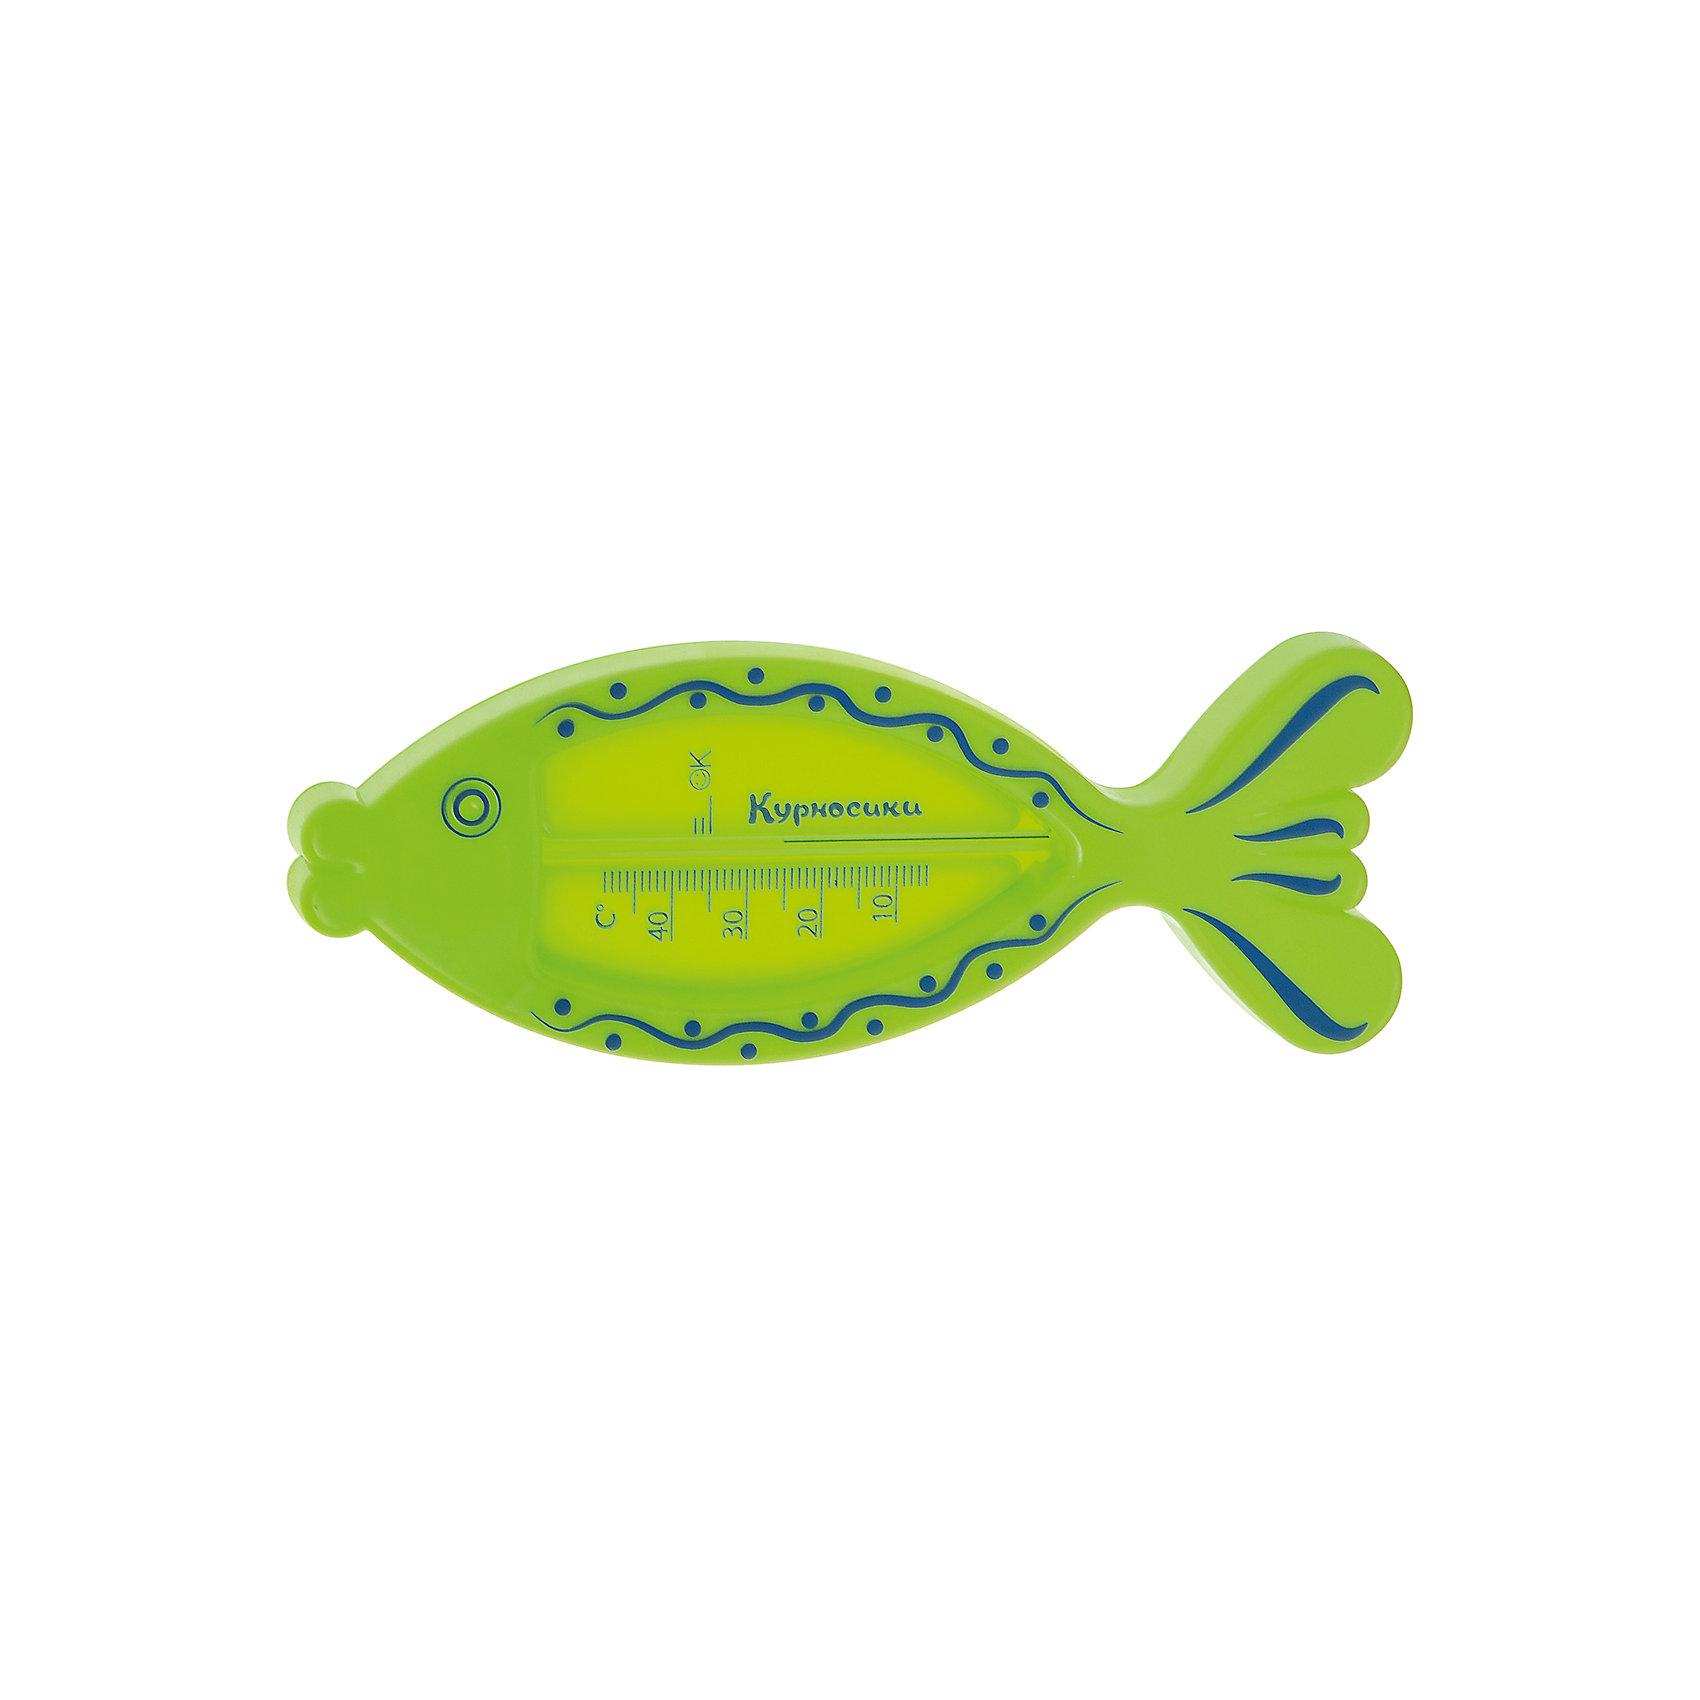 Термометр для ванны Рыбка, Kurnosiki, зеленыйТочно измеряет температуру воды для купания малыша. Прост в использовании. Не содержит ртути.<br><br>Ширина мм: 20<br>Глубина мм: 120<br>Высота мм: 200<br>Вес г: 38<br>Возраст от месяцев: 0<br>Возраст до месяцев: 36<br>Пол: Унисекс<br>Возраст: Детский<br>SKU: 5428694